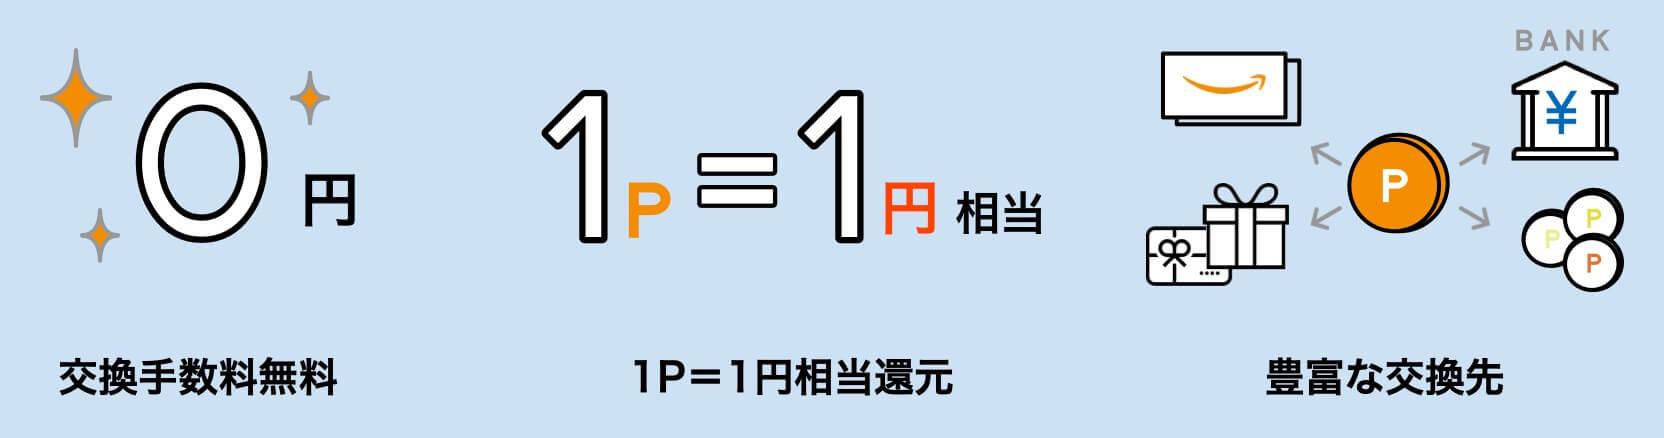 マクロミルは1ポイント=1円で現金やギフト券に交換できます。